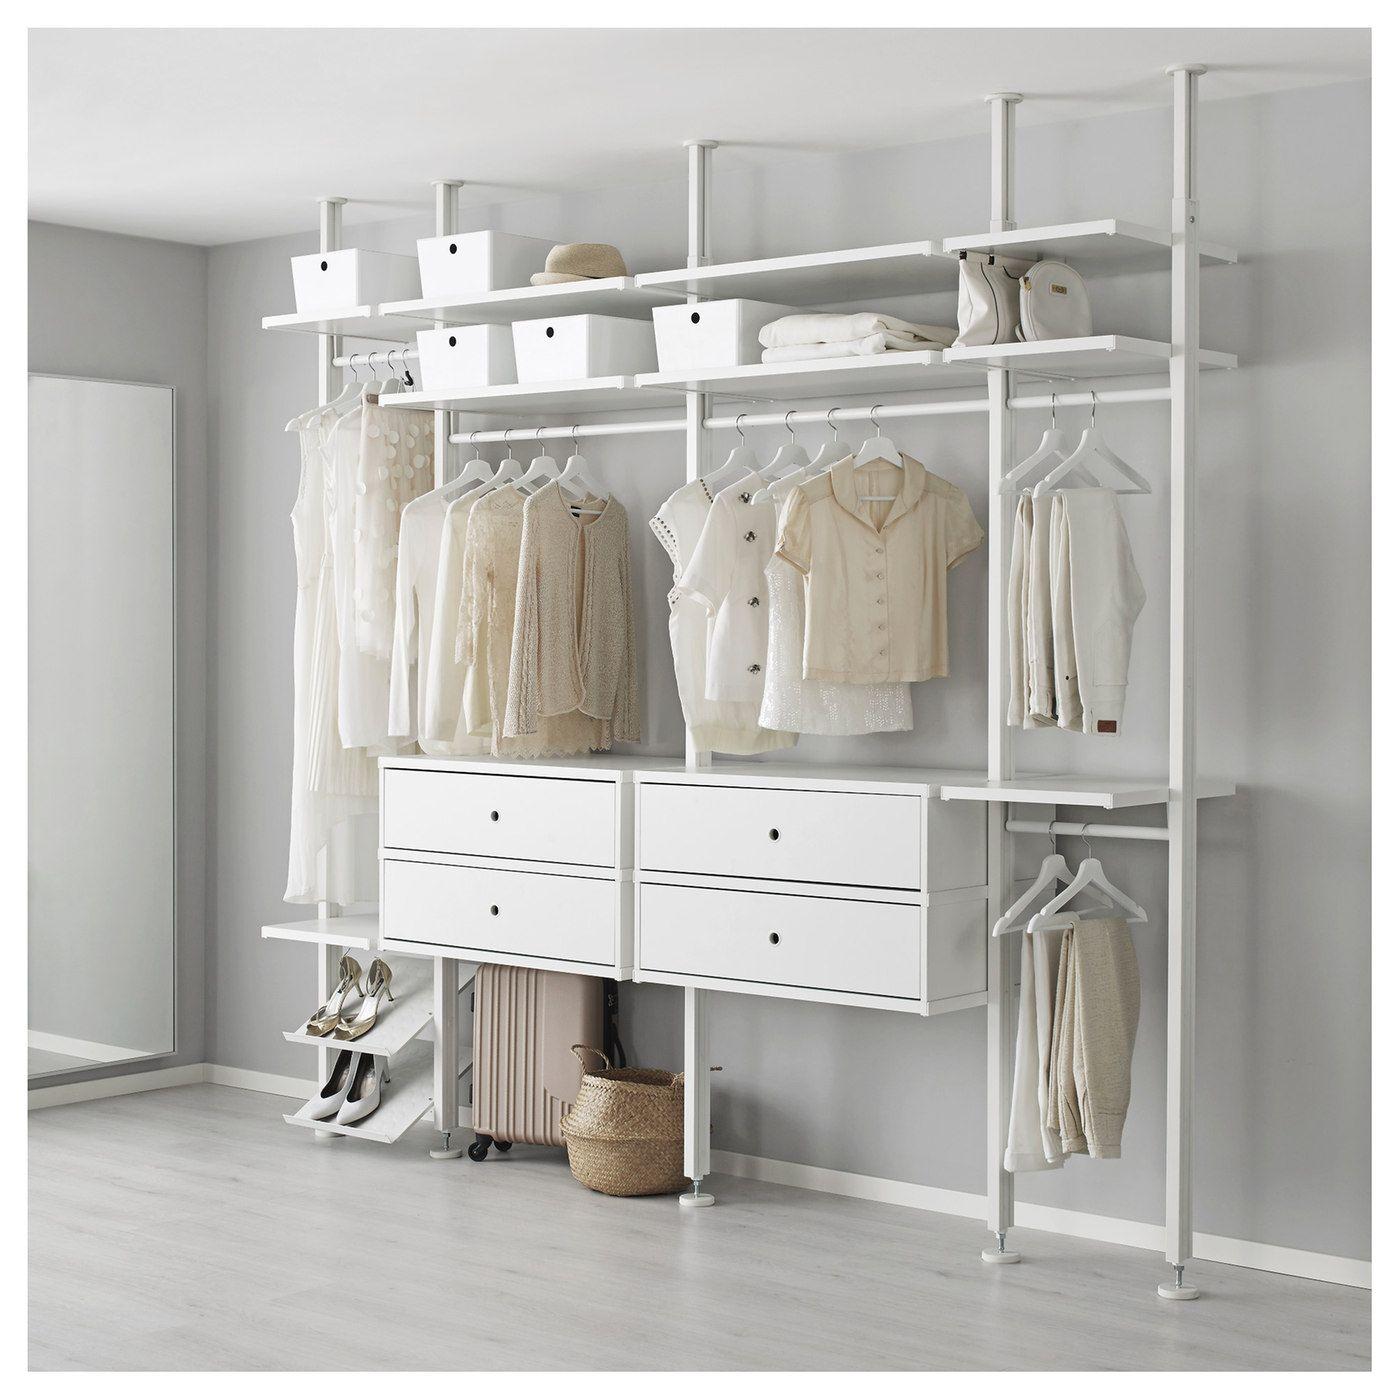 Offener Kleiderschrank Ikea Elvarli